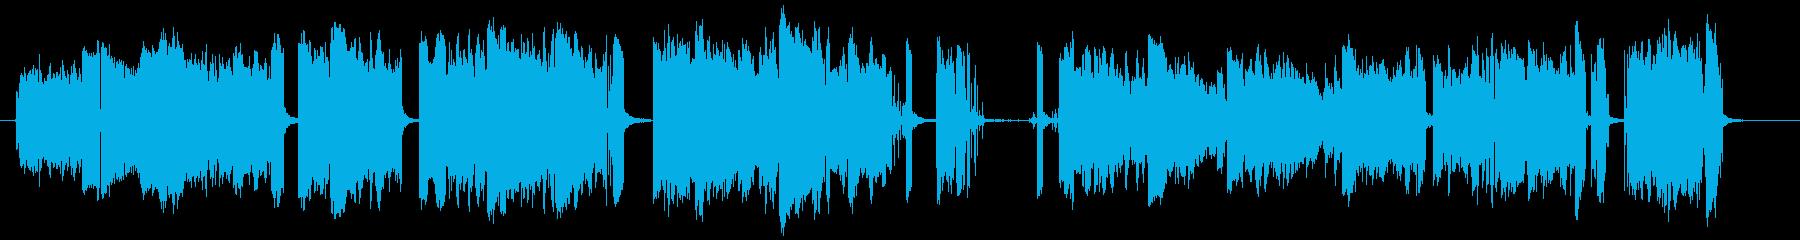 【電気ノイズ映画予告SE】ビリビリバチッの再生済みの波形